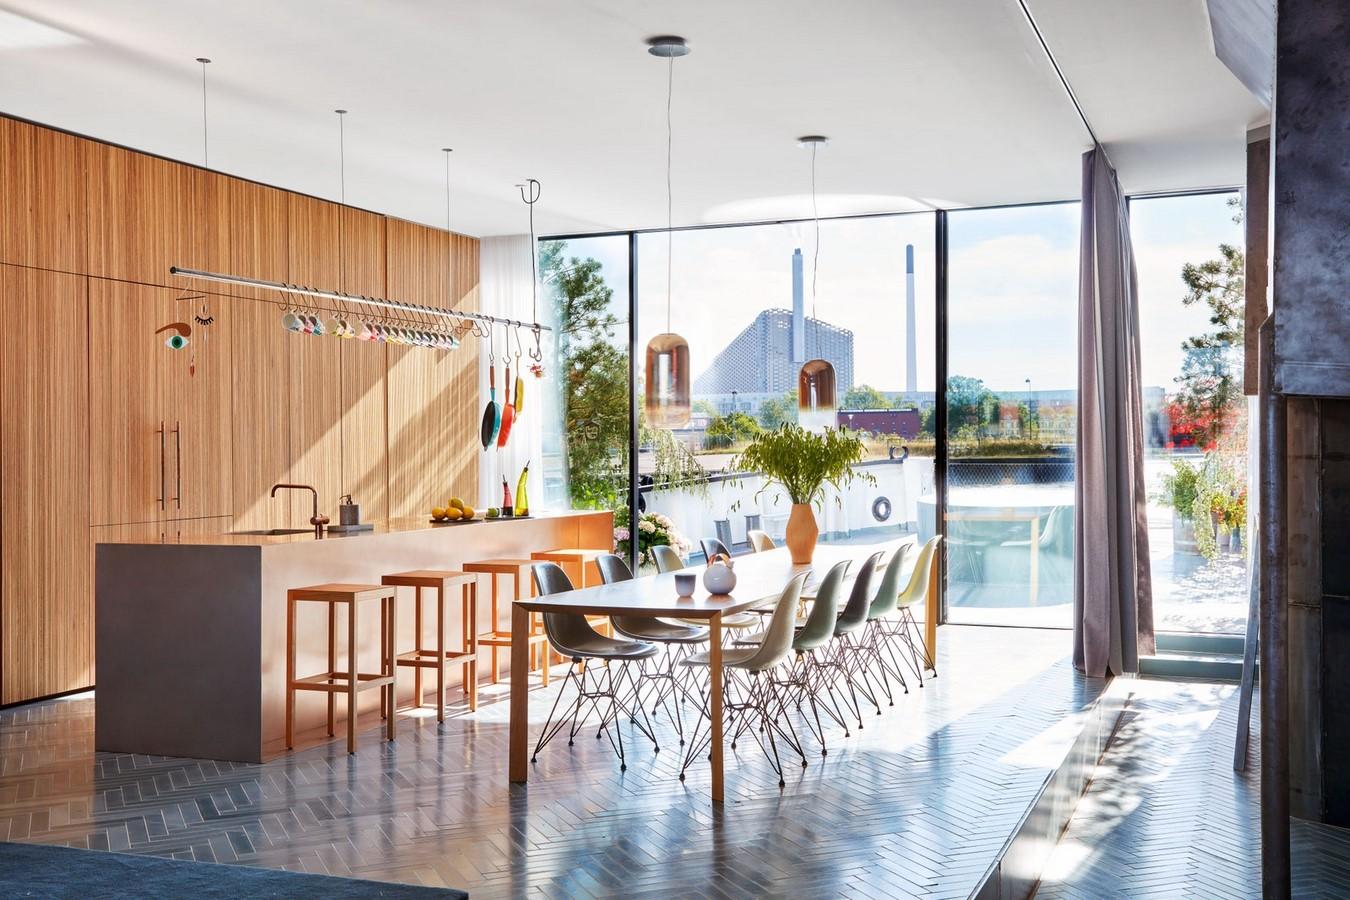 A look inside Bjarke Ingels's Innovative Houseboat - Sheet4